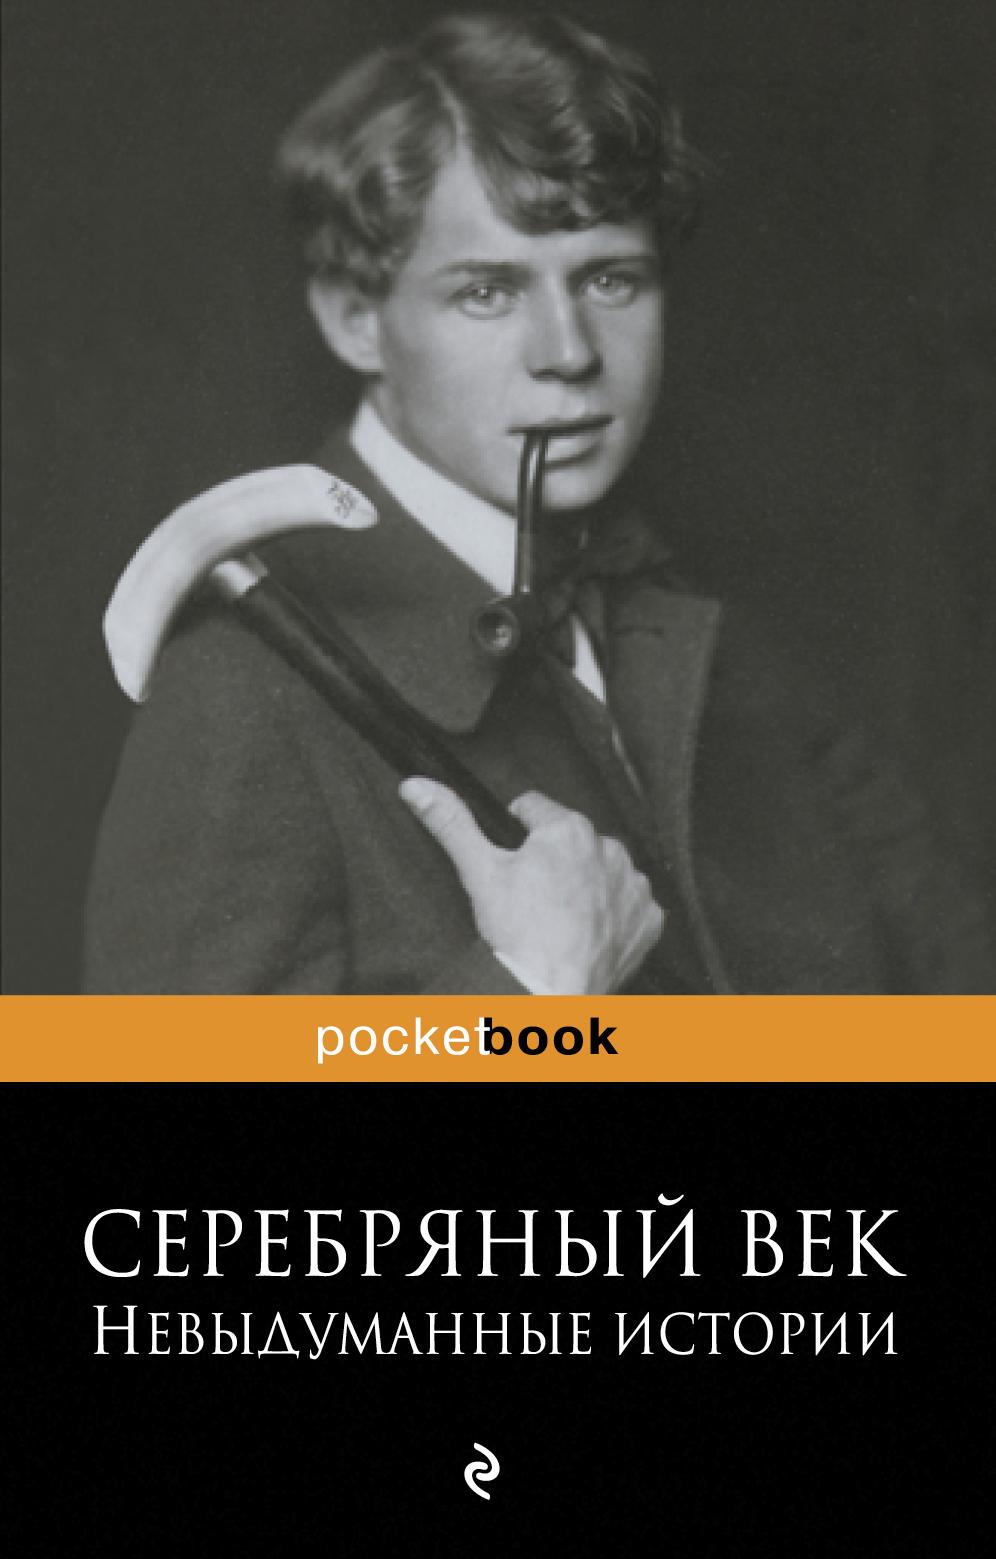 ИВНЕВ Р. Серебряный век: невыдуманные истории